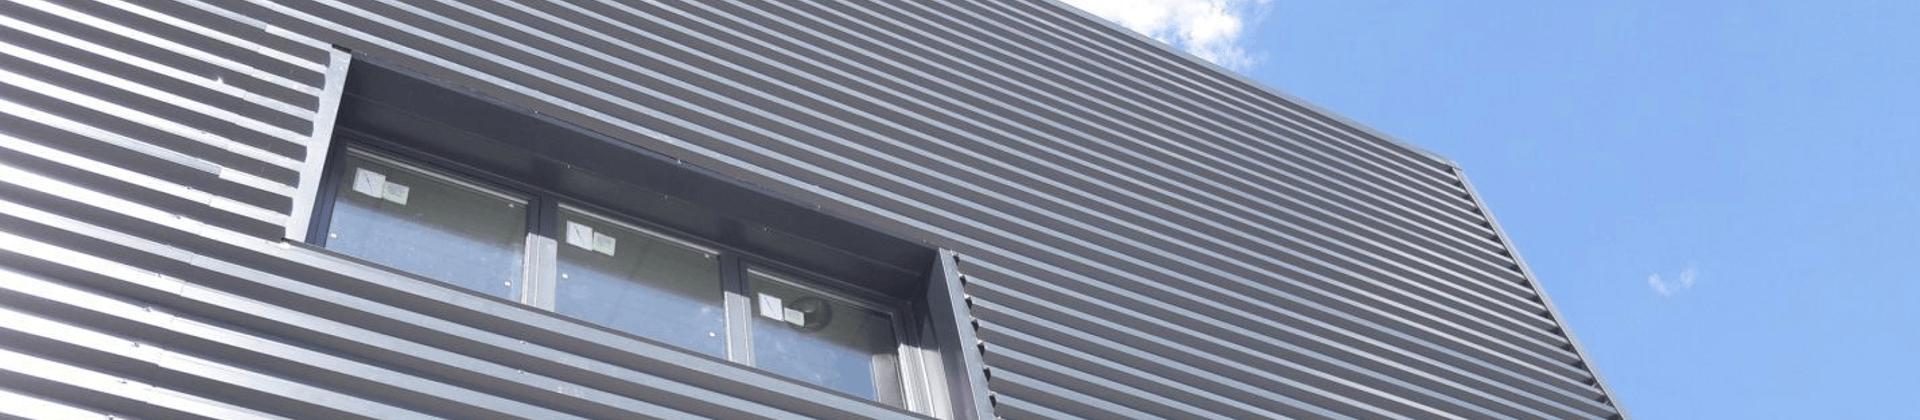 chapa grecada para fachada y cubierta